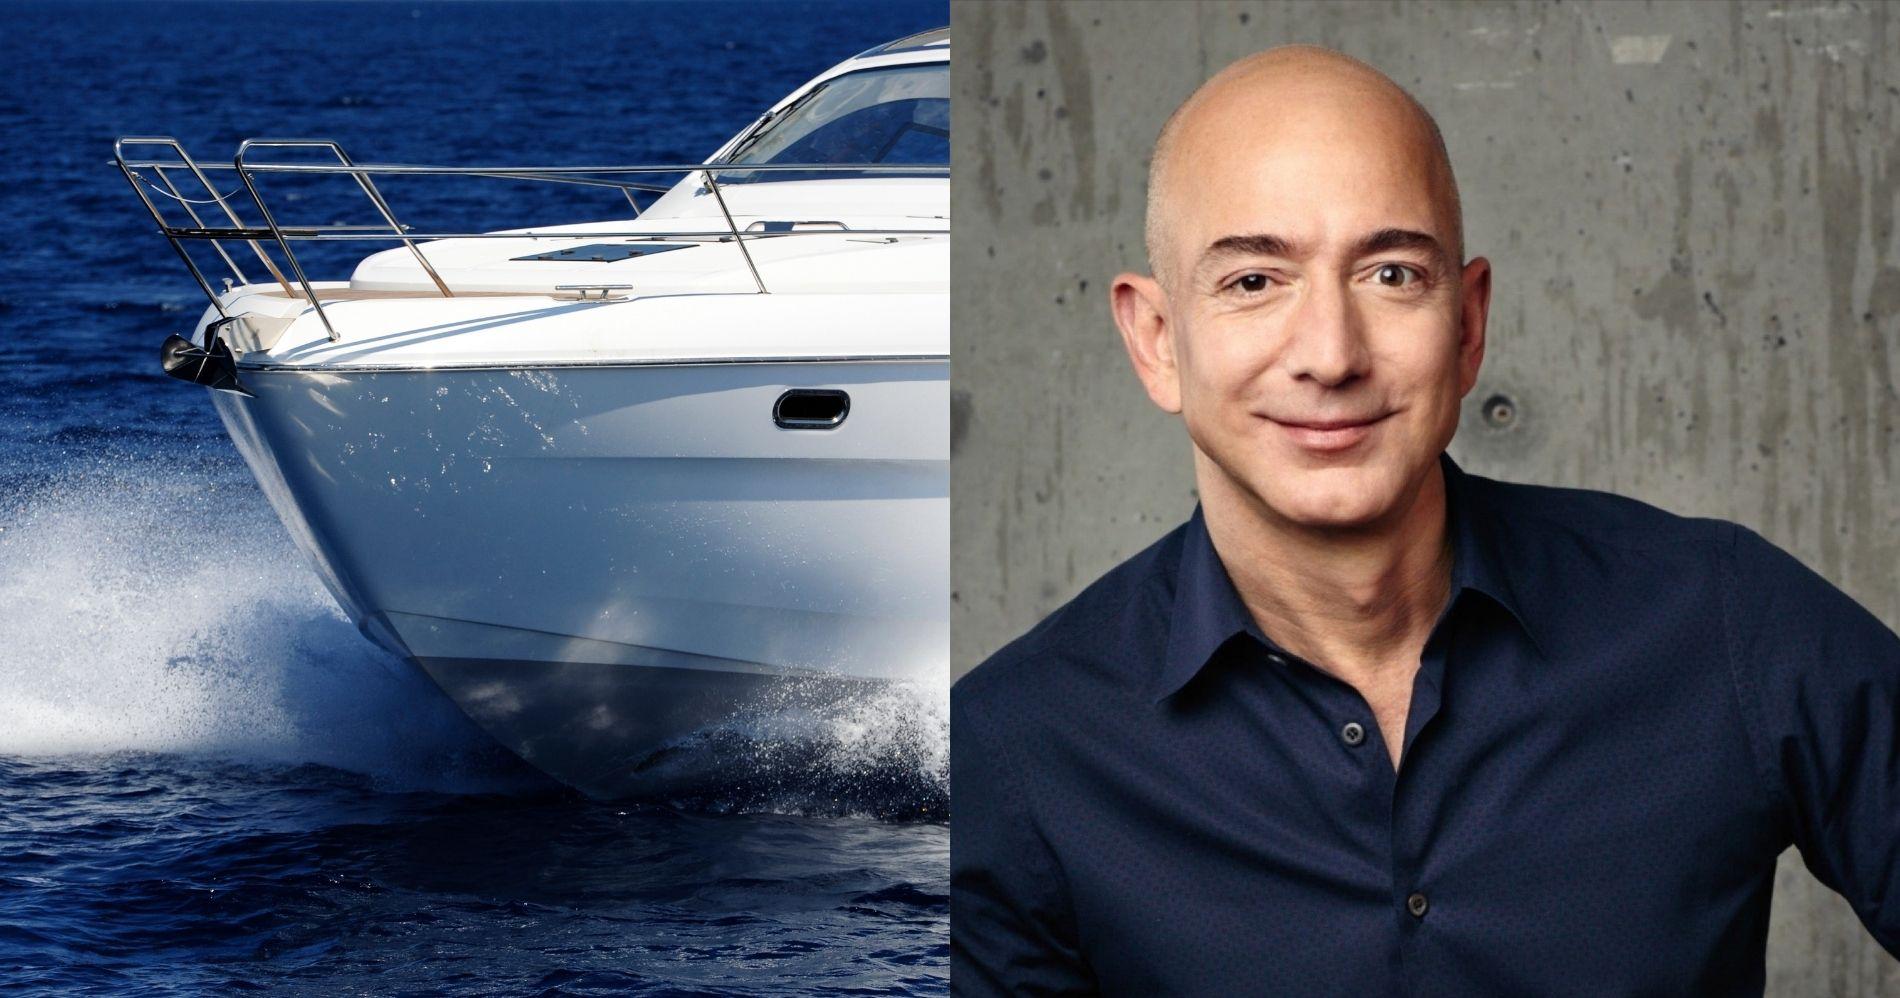 Jeff Bezos Bangun Kapal Pesiar, Penjualan Superyacht Meningkat Illustration Web Bisnis Muda - Pinterest